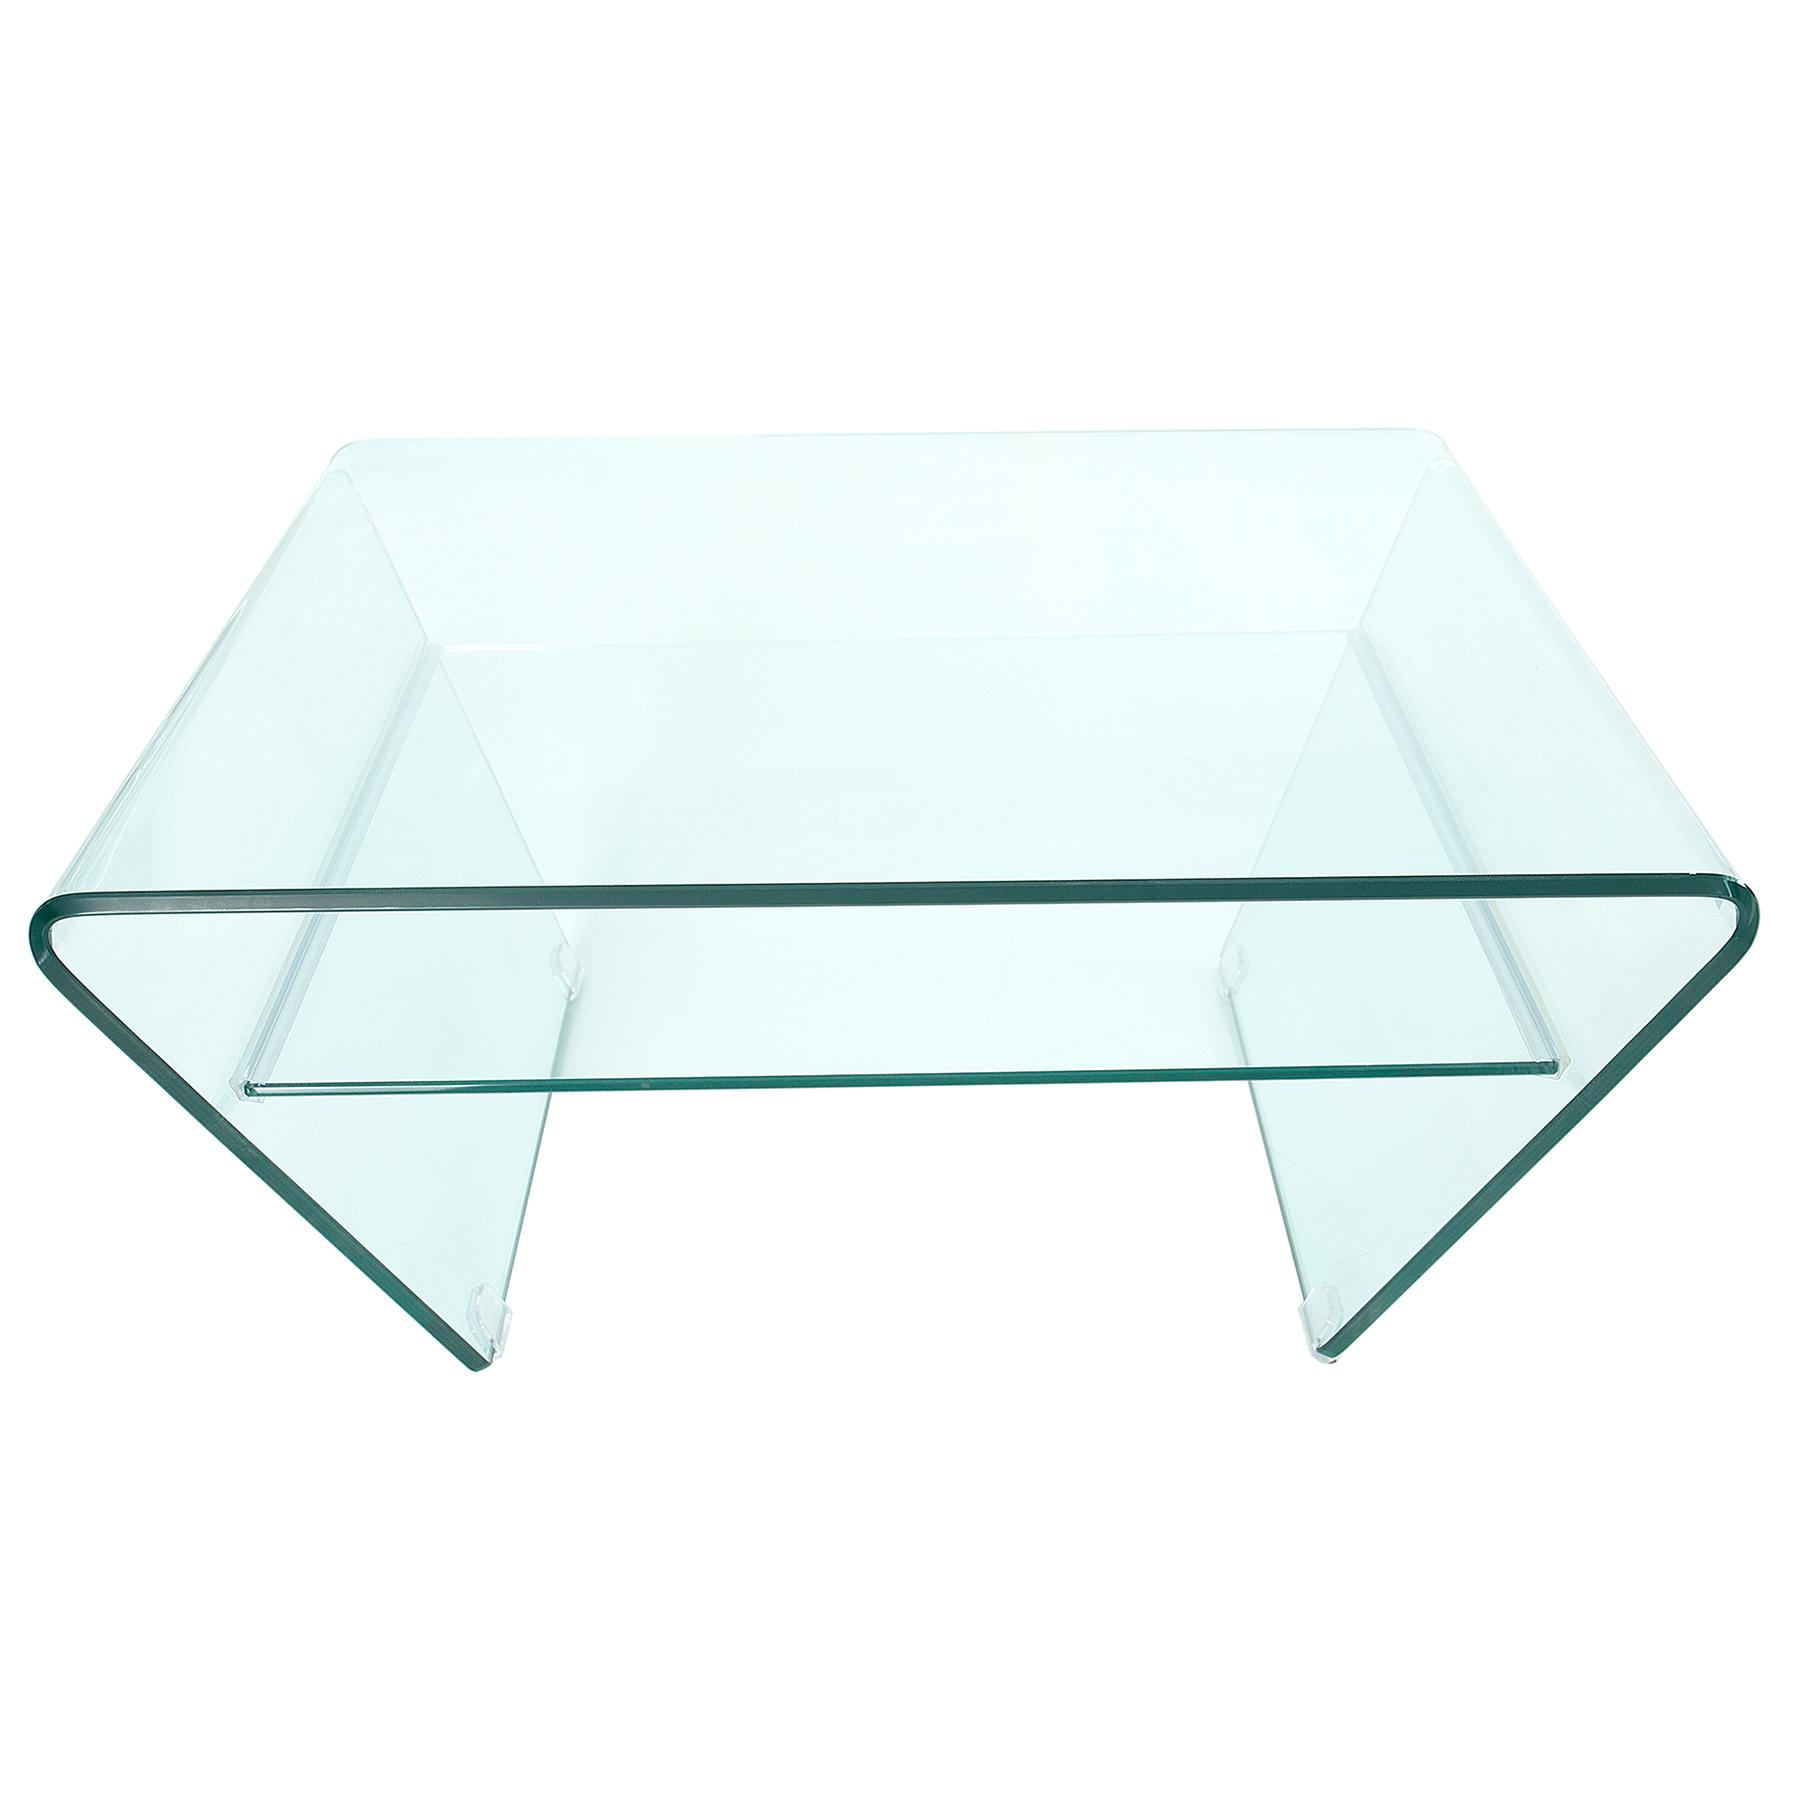 trapez couchtisch ghost 80cm glastisch transparent beistelltisch wohnzimmertisch ebay. Black Bedroom Furniture Sets. Home Design Ideas